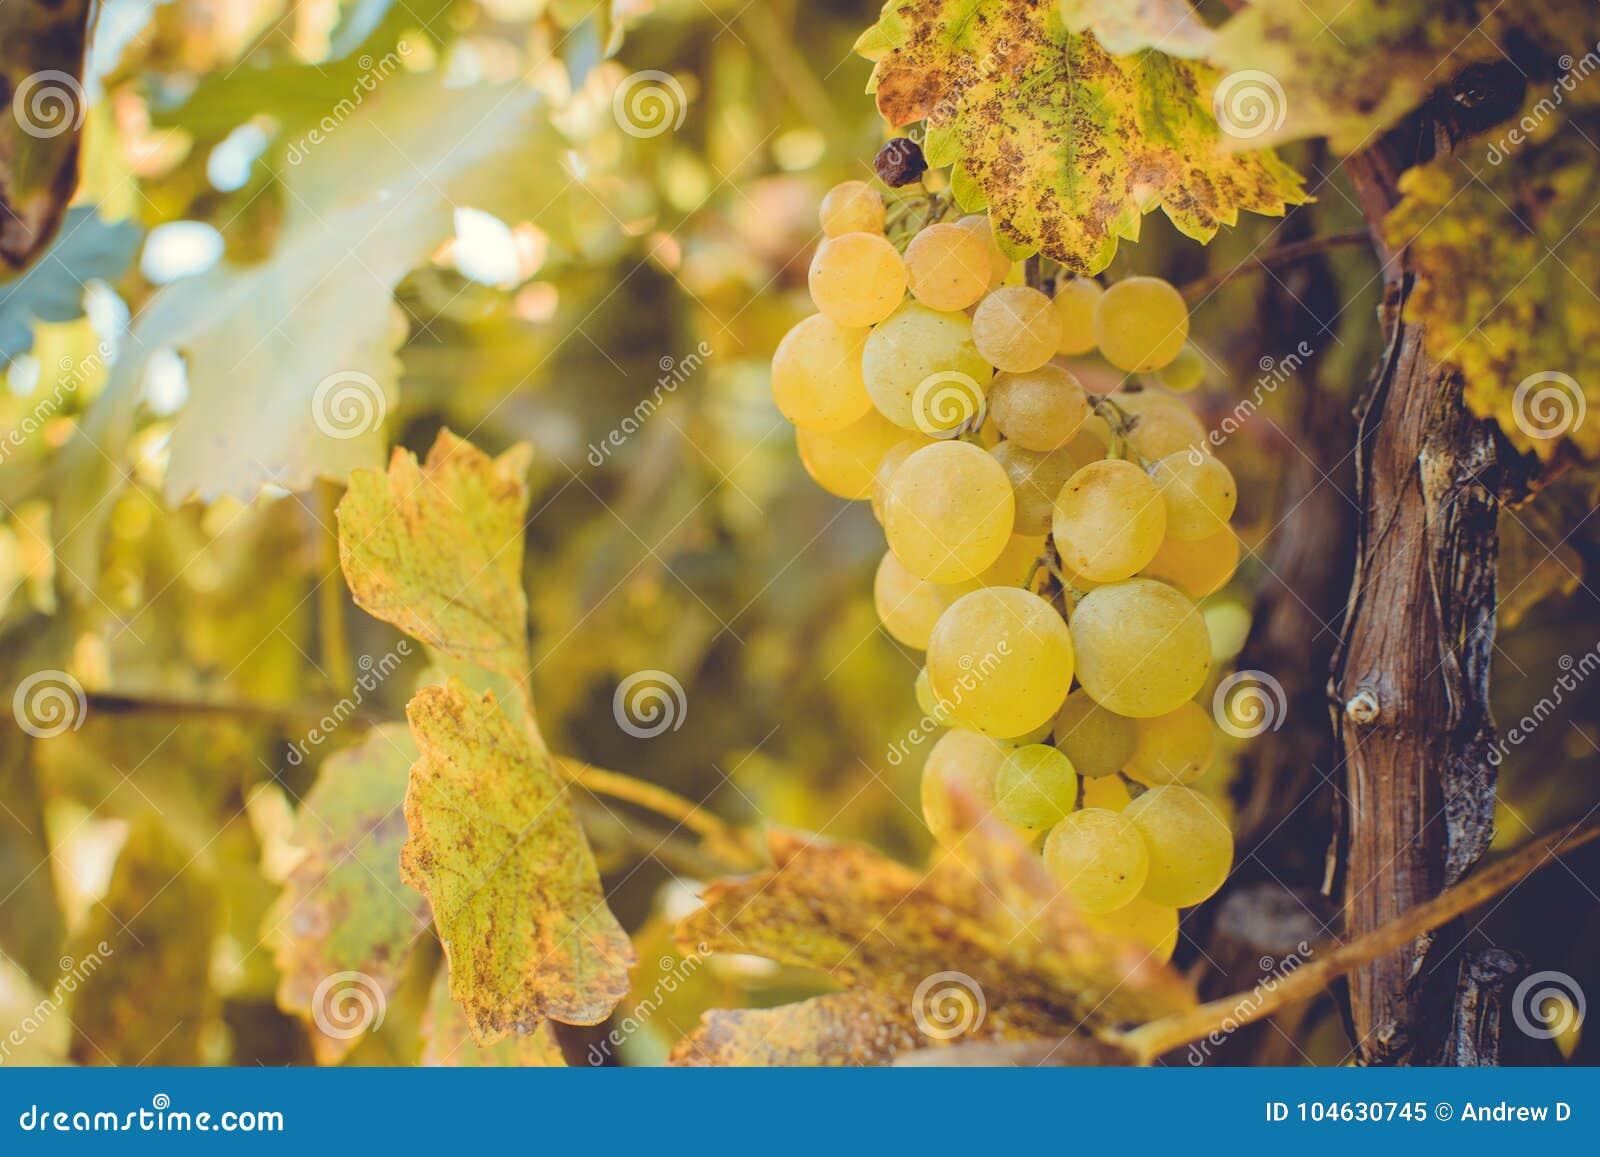 Download De Herfst in Moldavië stock afbeelding. Afbeelding bestaande uit enjoy - 104630745